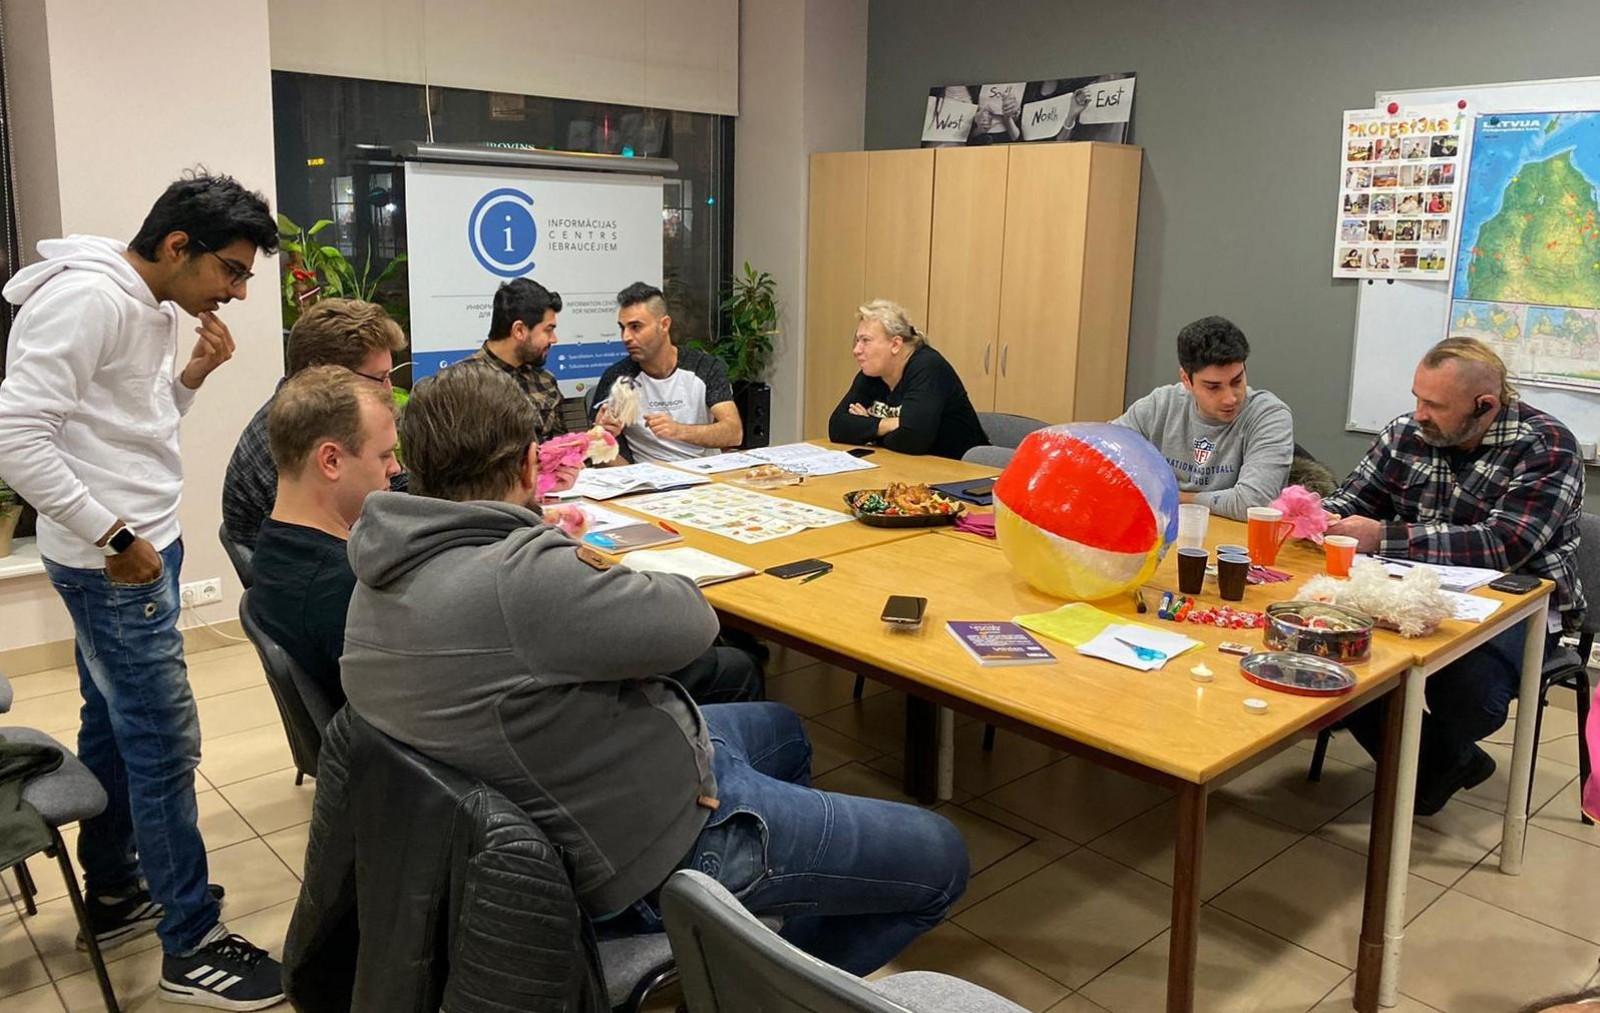 Latviešu sarunvalodas klubs Rīgā 2.12. | Patvērums Drošā Māja